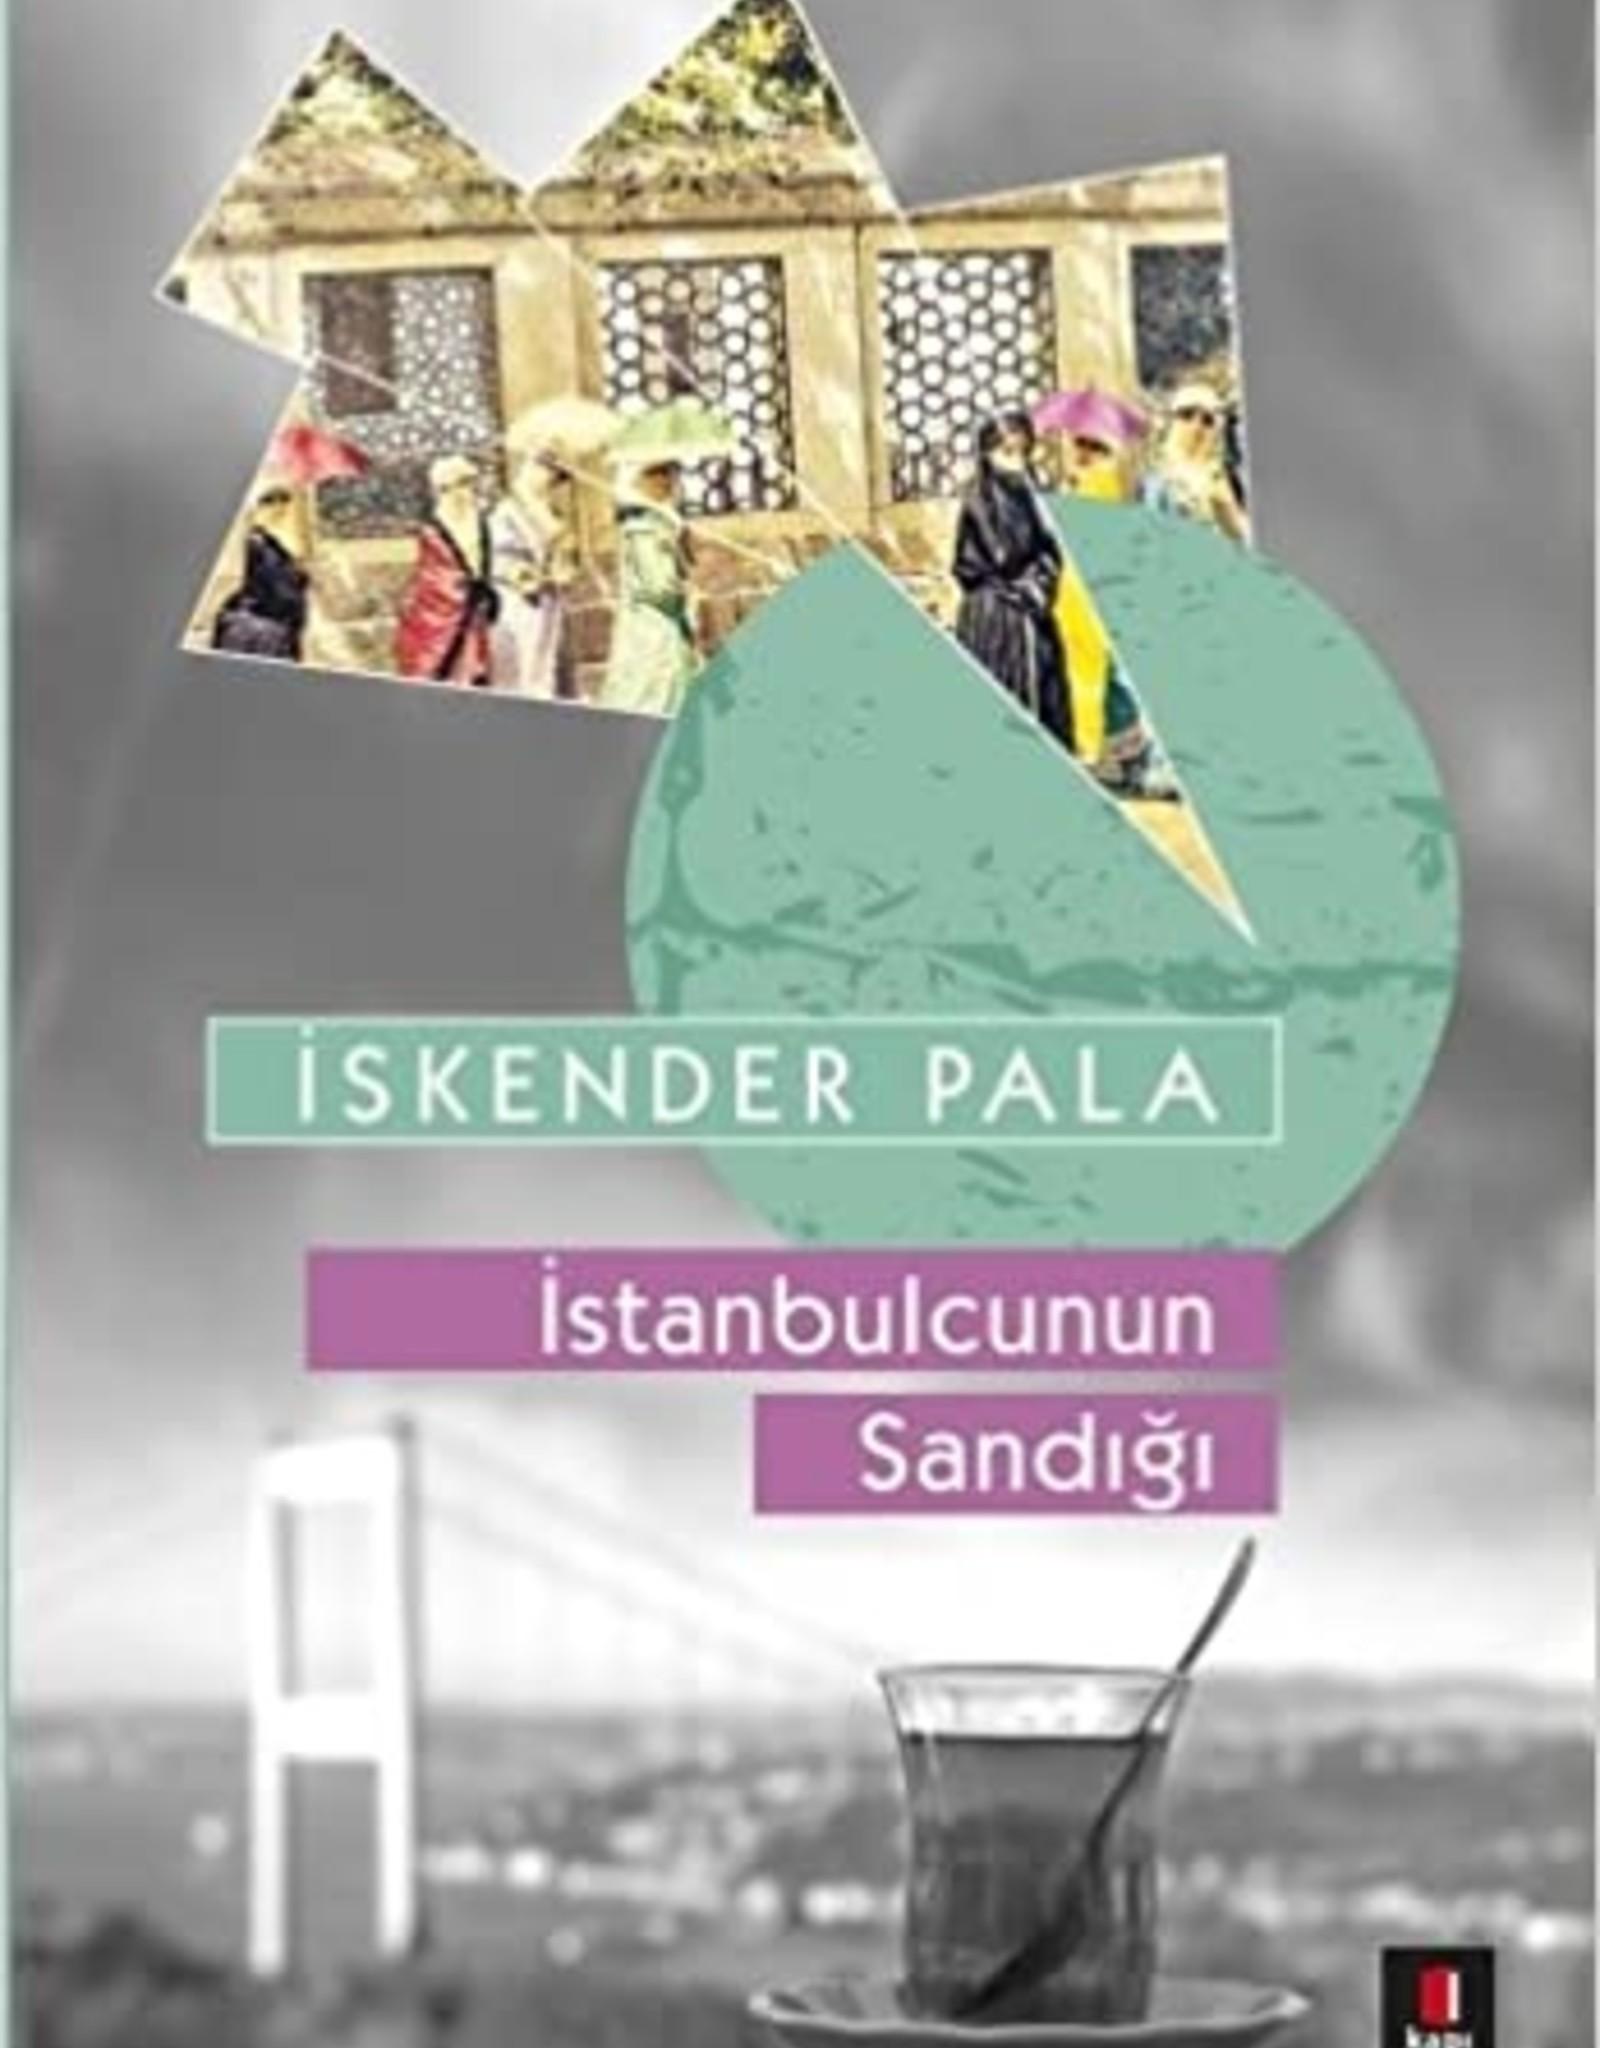 Istanbulcunun Sandığı